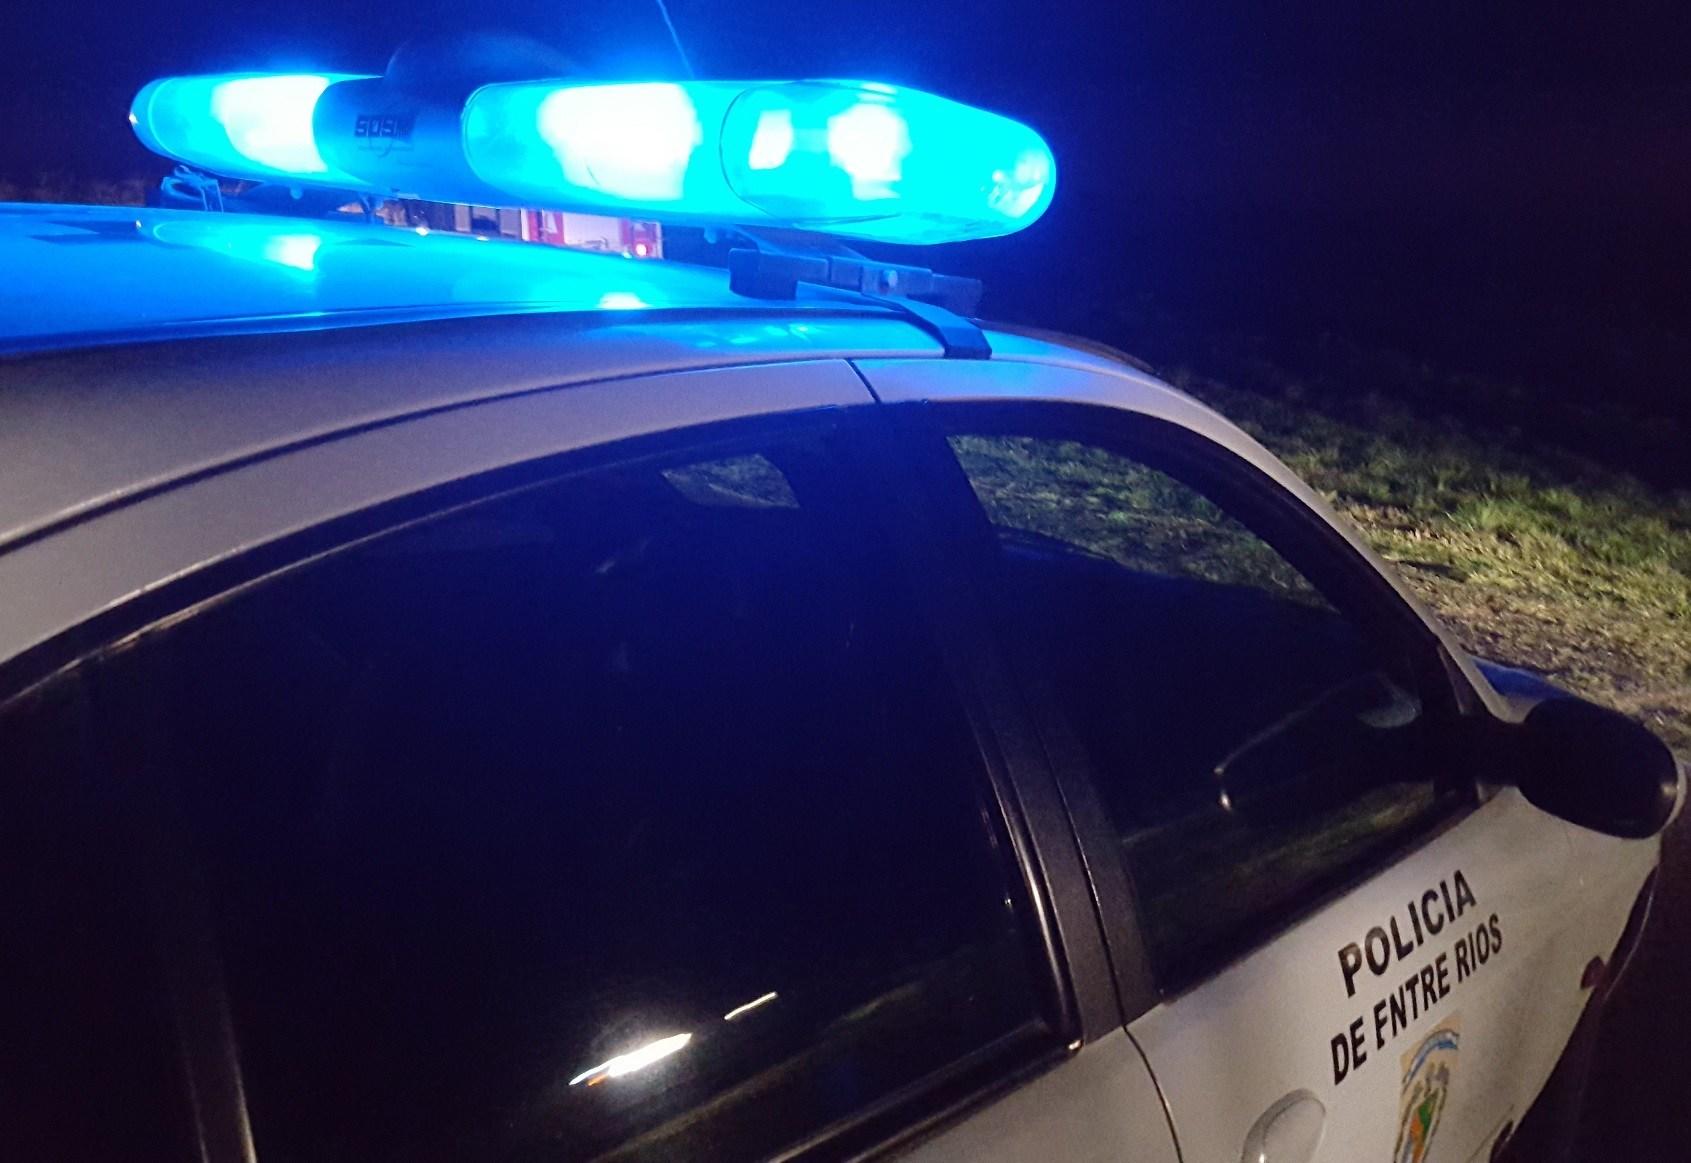 policia-de-entre-rios-patrullero-1